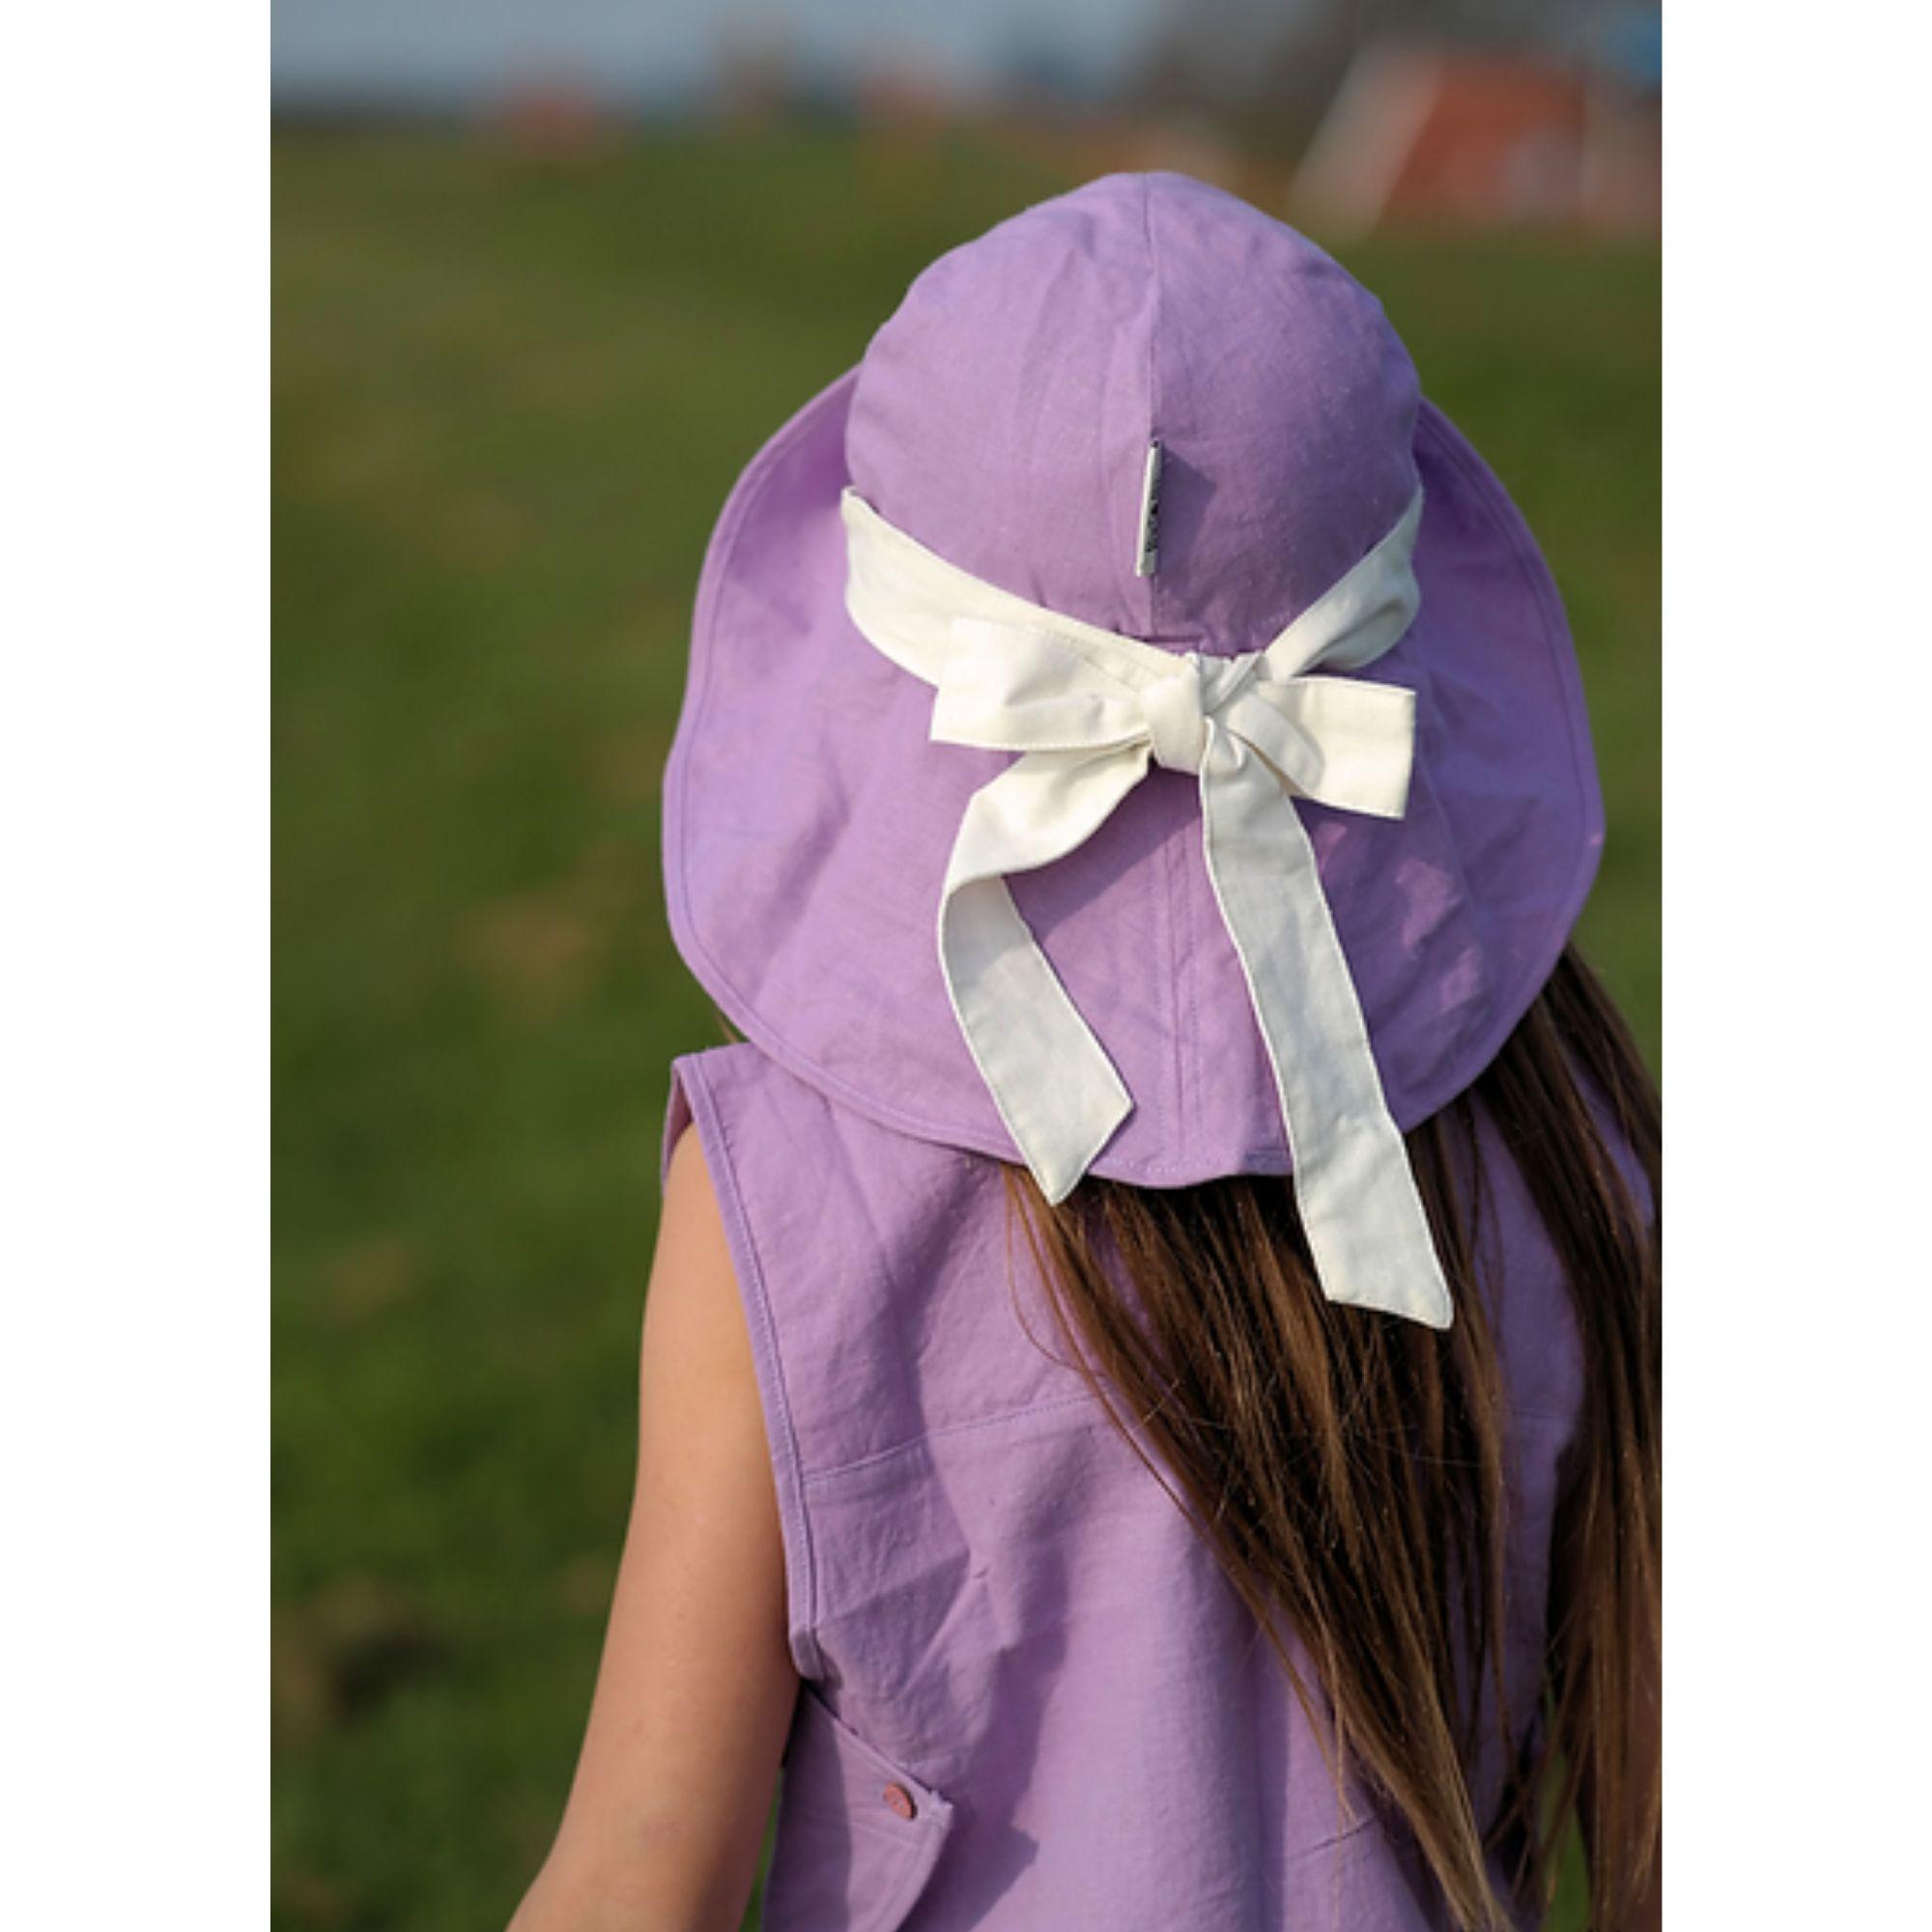 chapeau-ete-bebe-enfant-ajustable-evolutif-manymonths-babyidea-coton-chanvre-maison-de-mamoulia-avec-noeud-natural-sheer-violet